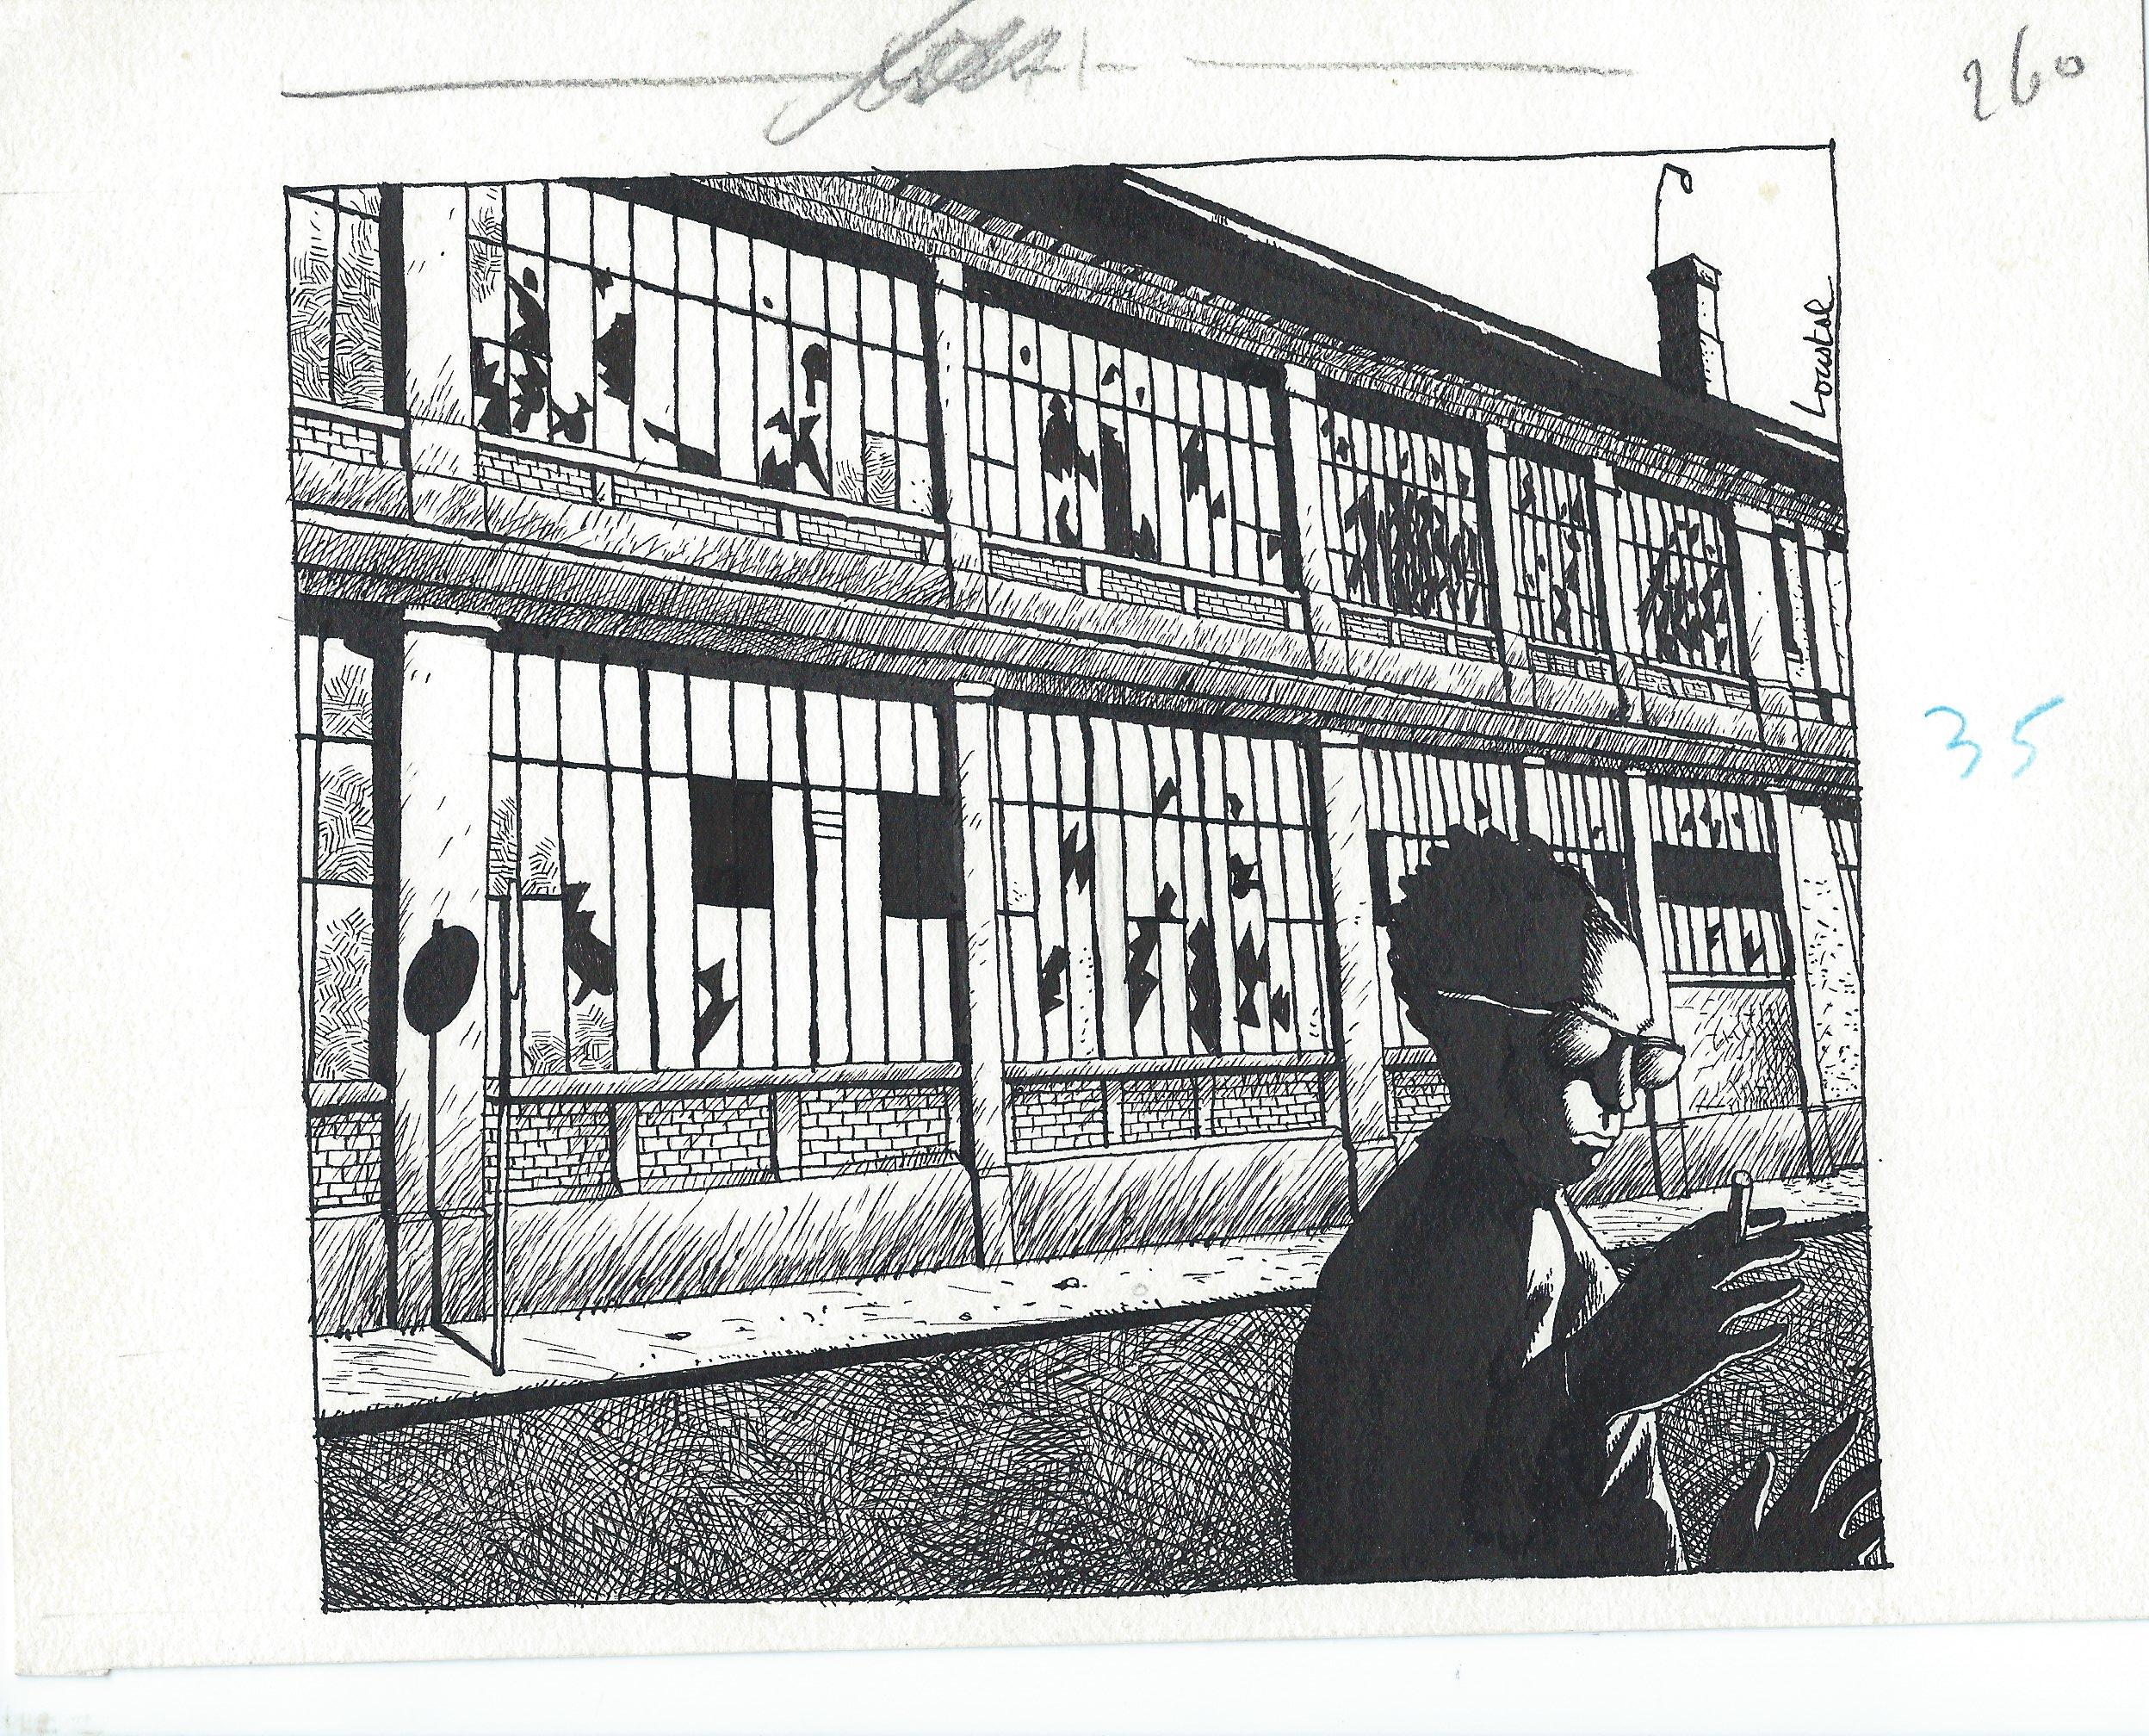 majid aimait bien le bruit de l 39 atelier d 39 tirage dommage que l 39 usine soit ferm e par loustal. Black Bedroom Furniture Sets. Home Design Ideas